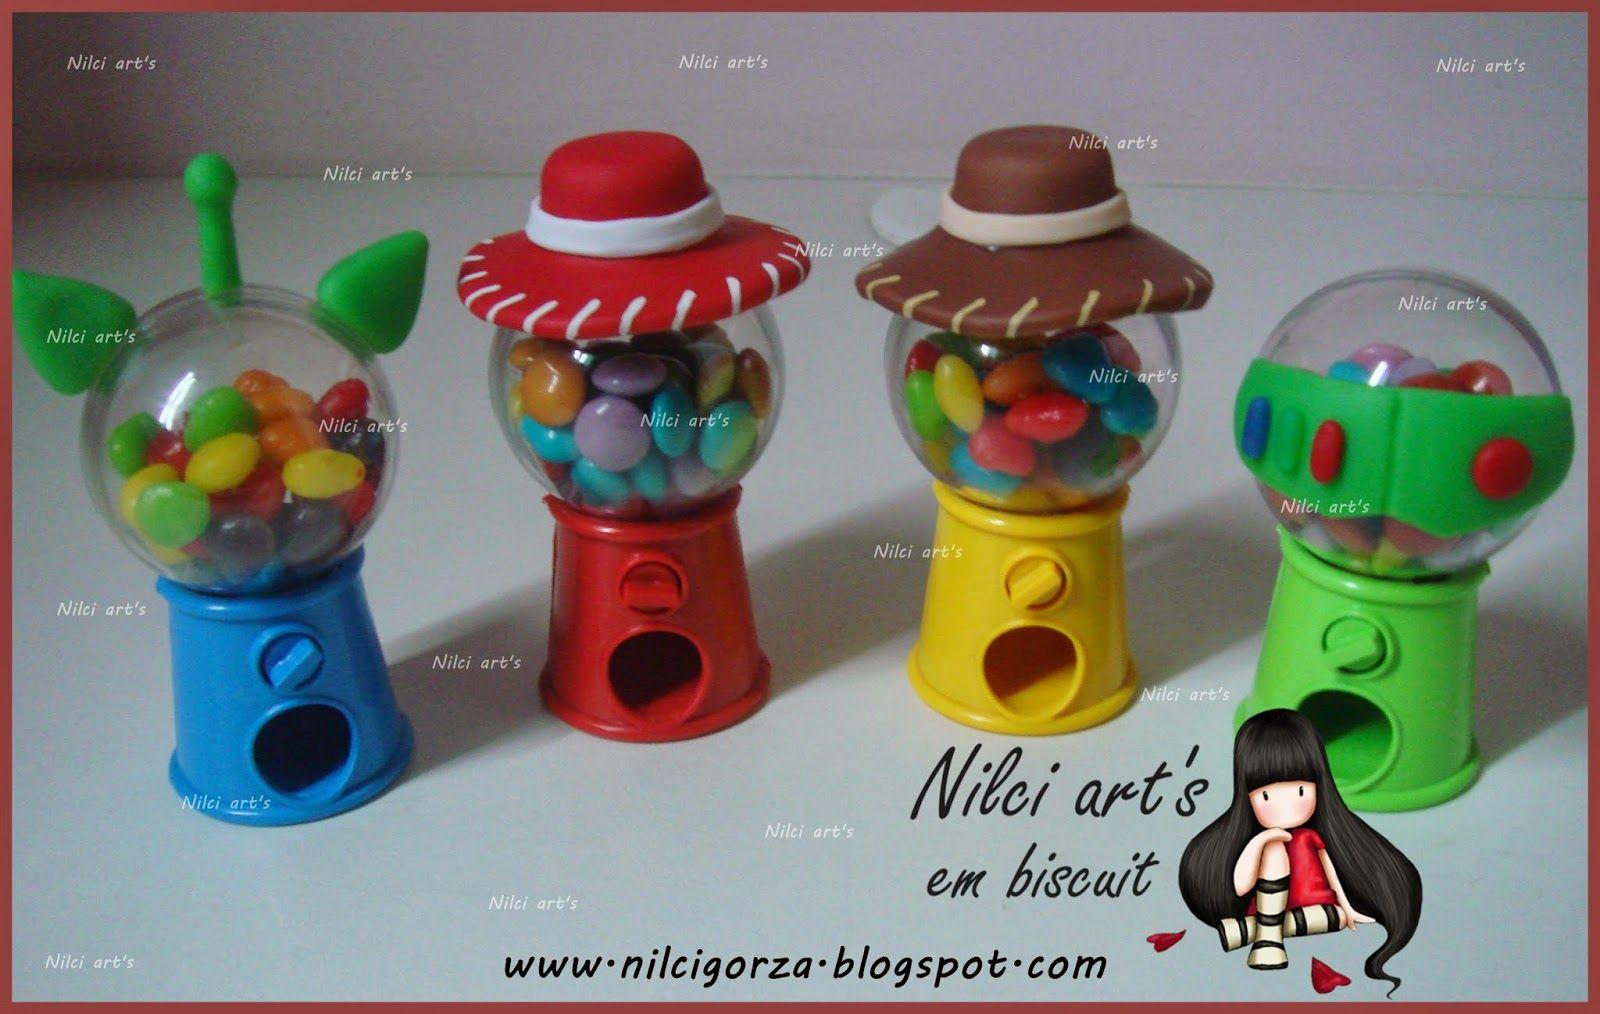 Mini baleiros para lembrança do toy story  9dbb2e3f023